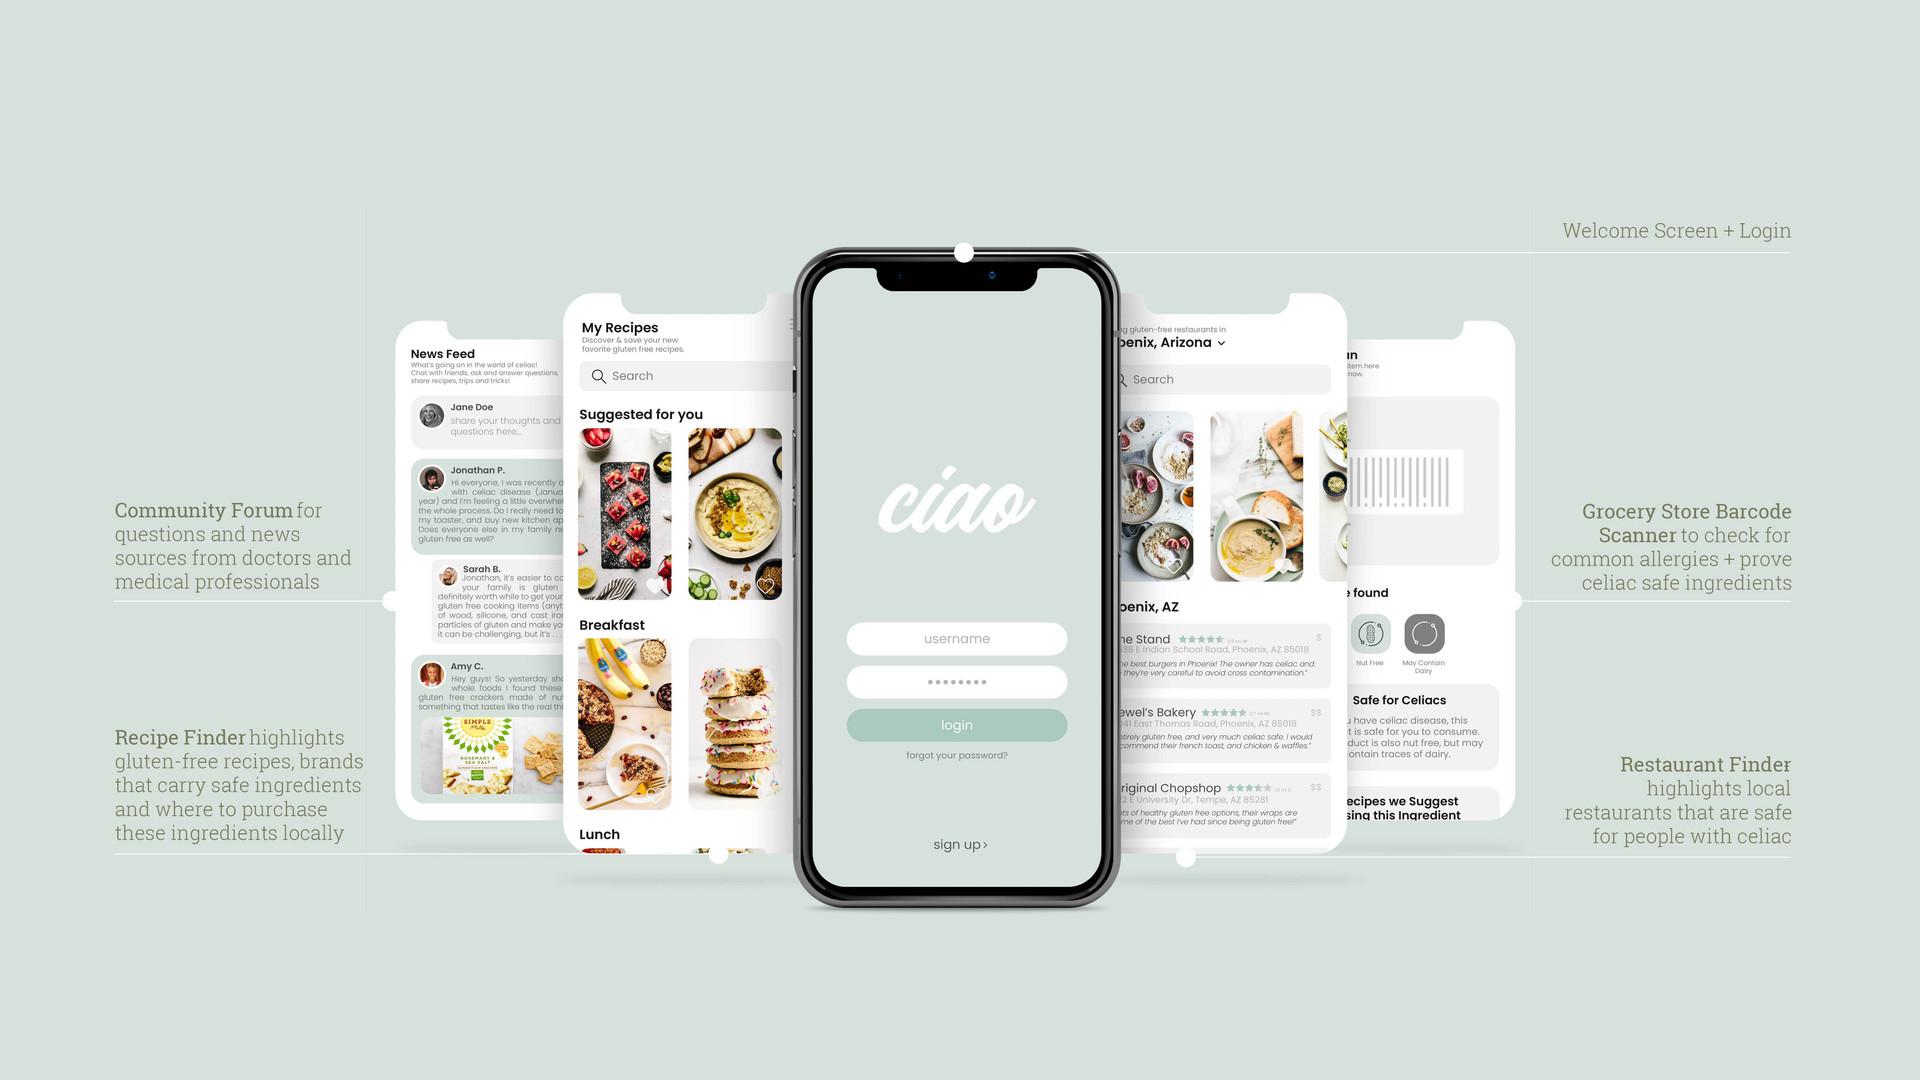 Ciao: Celiac Cooking Kit